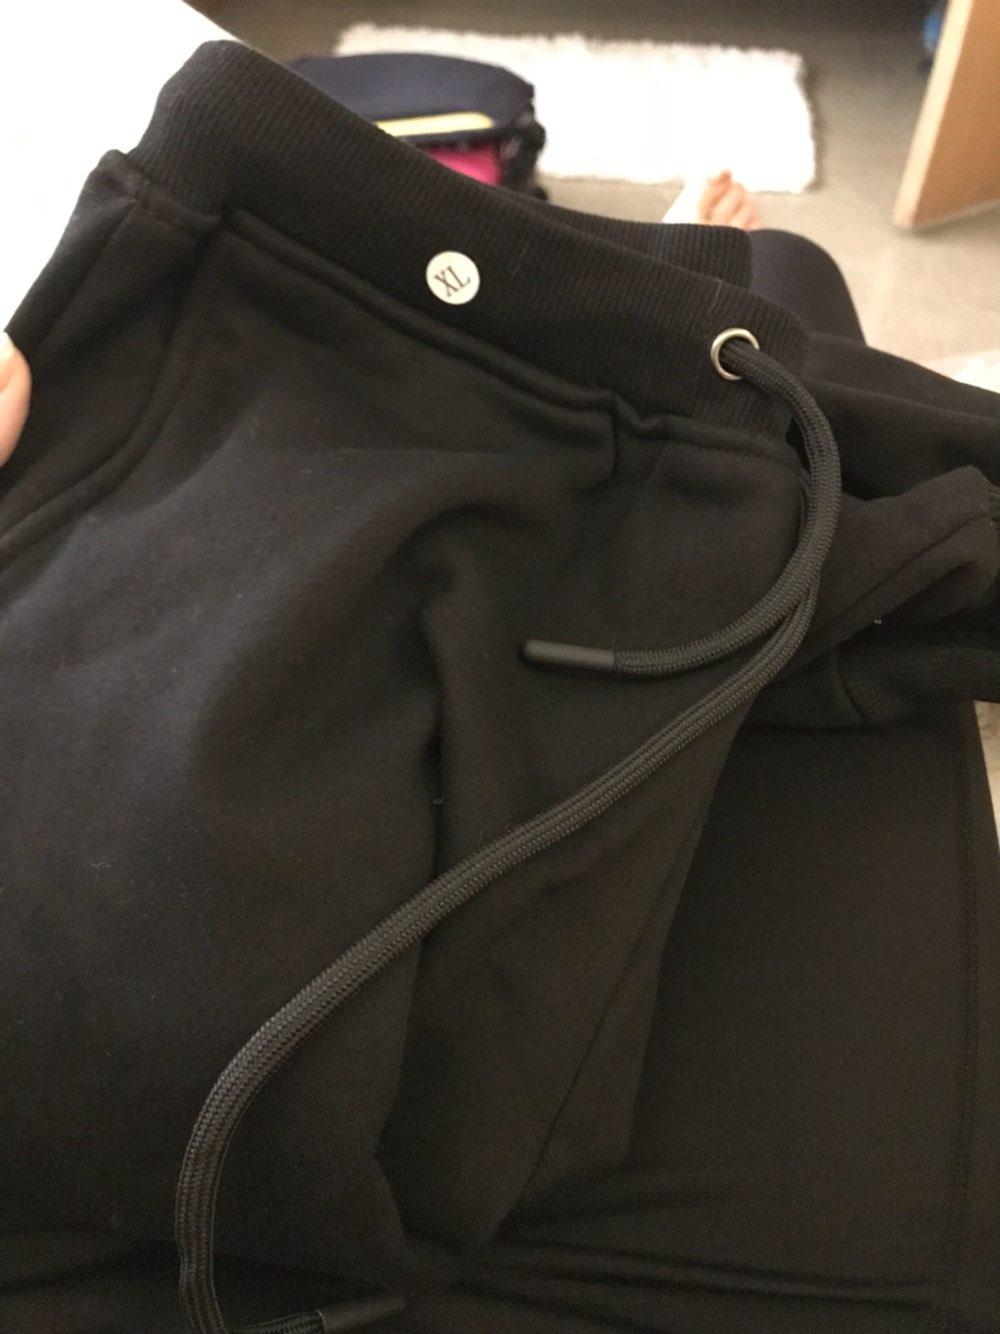 Plus Size Clothing Anime Dragon Ball Z GOKU Sweatpants Men Brand ... 6b38cc8b0eac